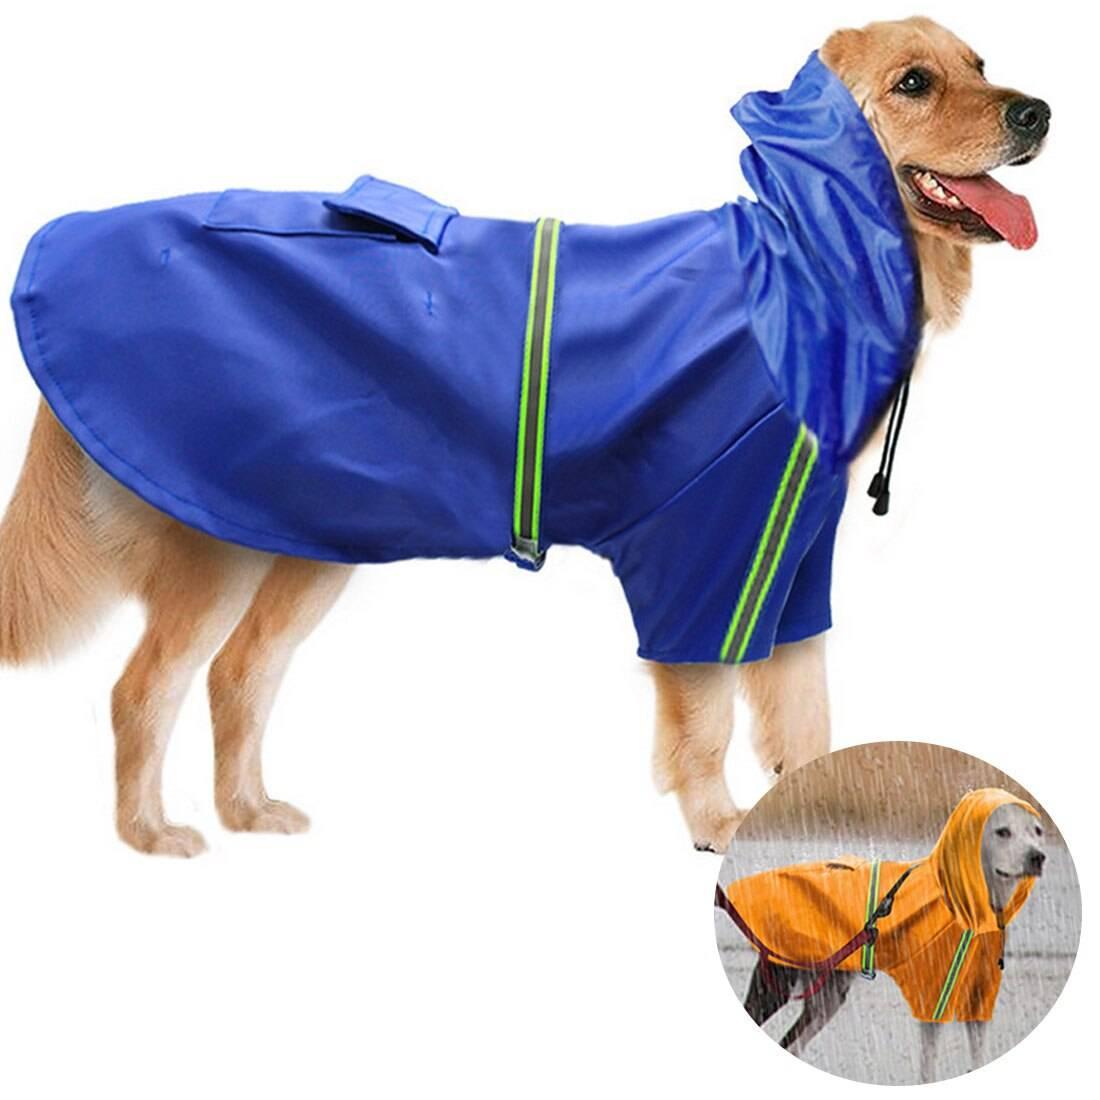 Редкие породы собак с фотографиями и названиями | petguru